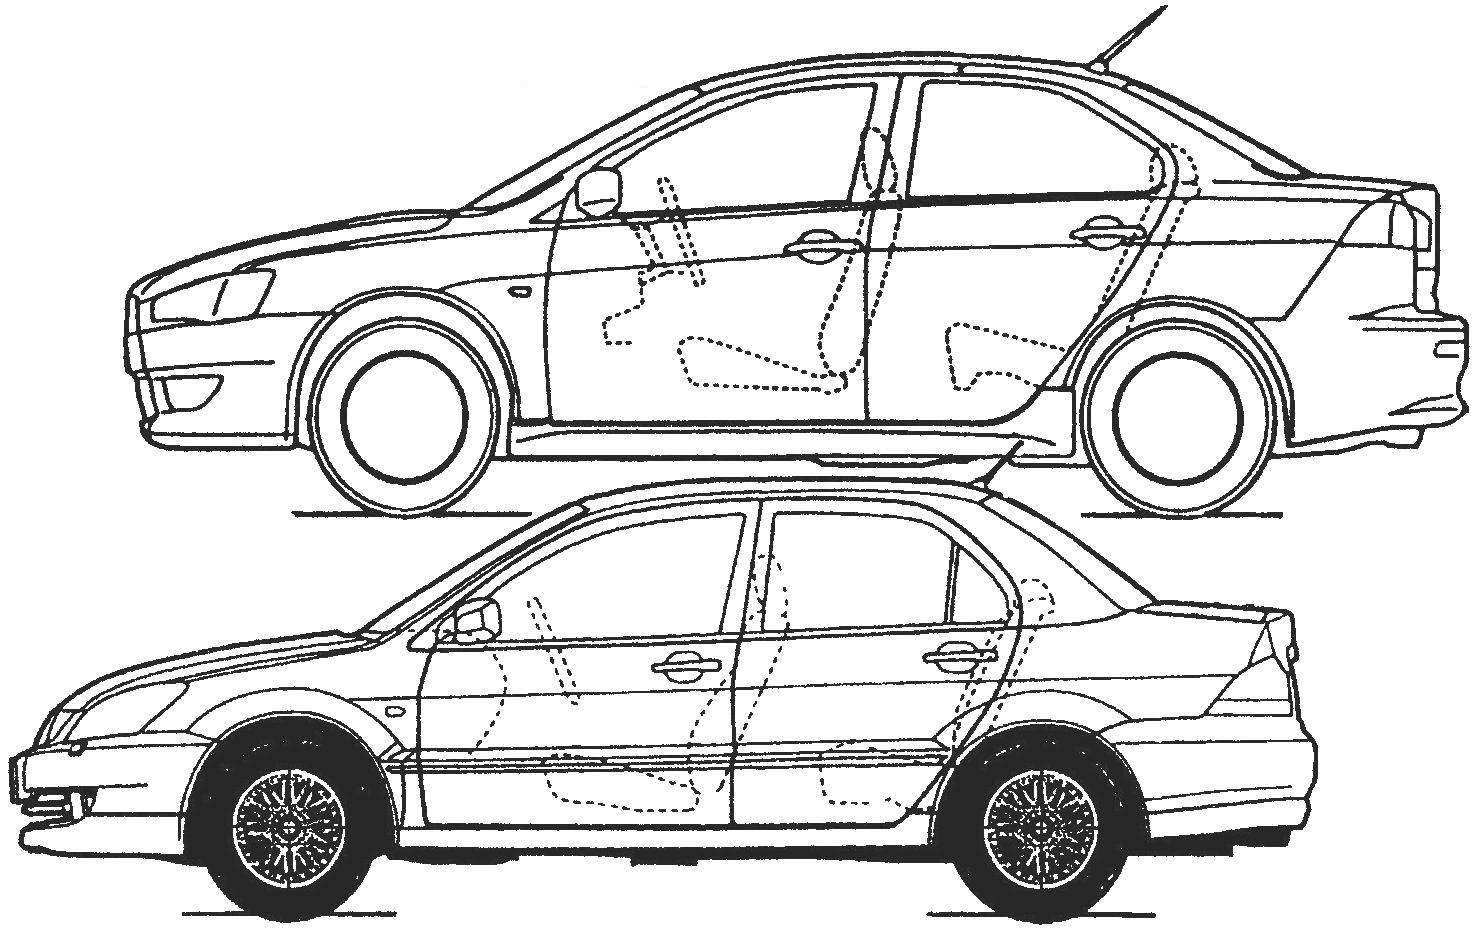 Не так-то просто найти общие черты у автомобилей Lancer 2003 года (внизу) и 2007 года (вверху)